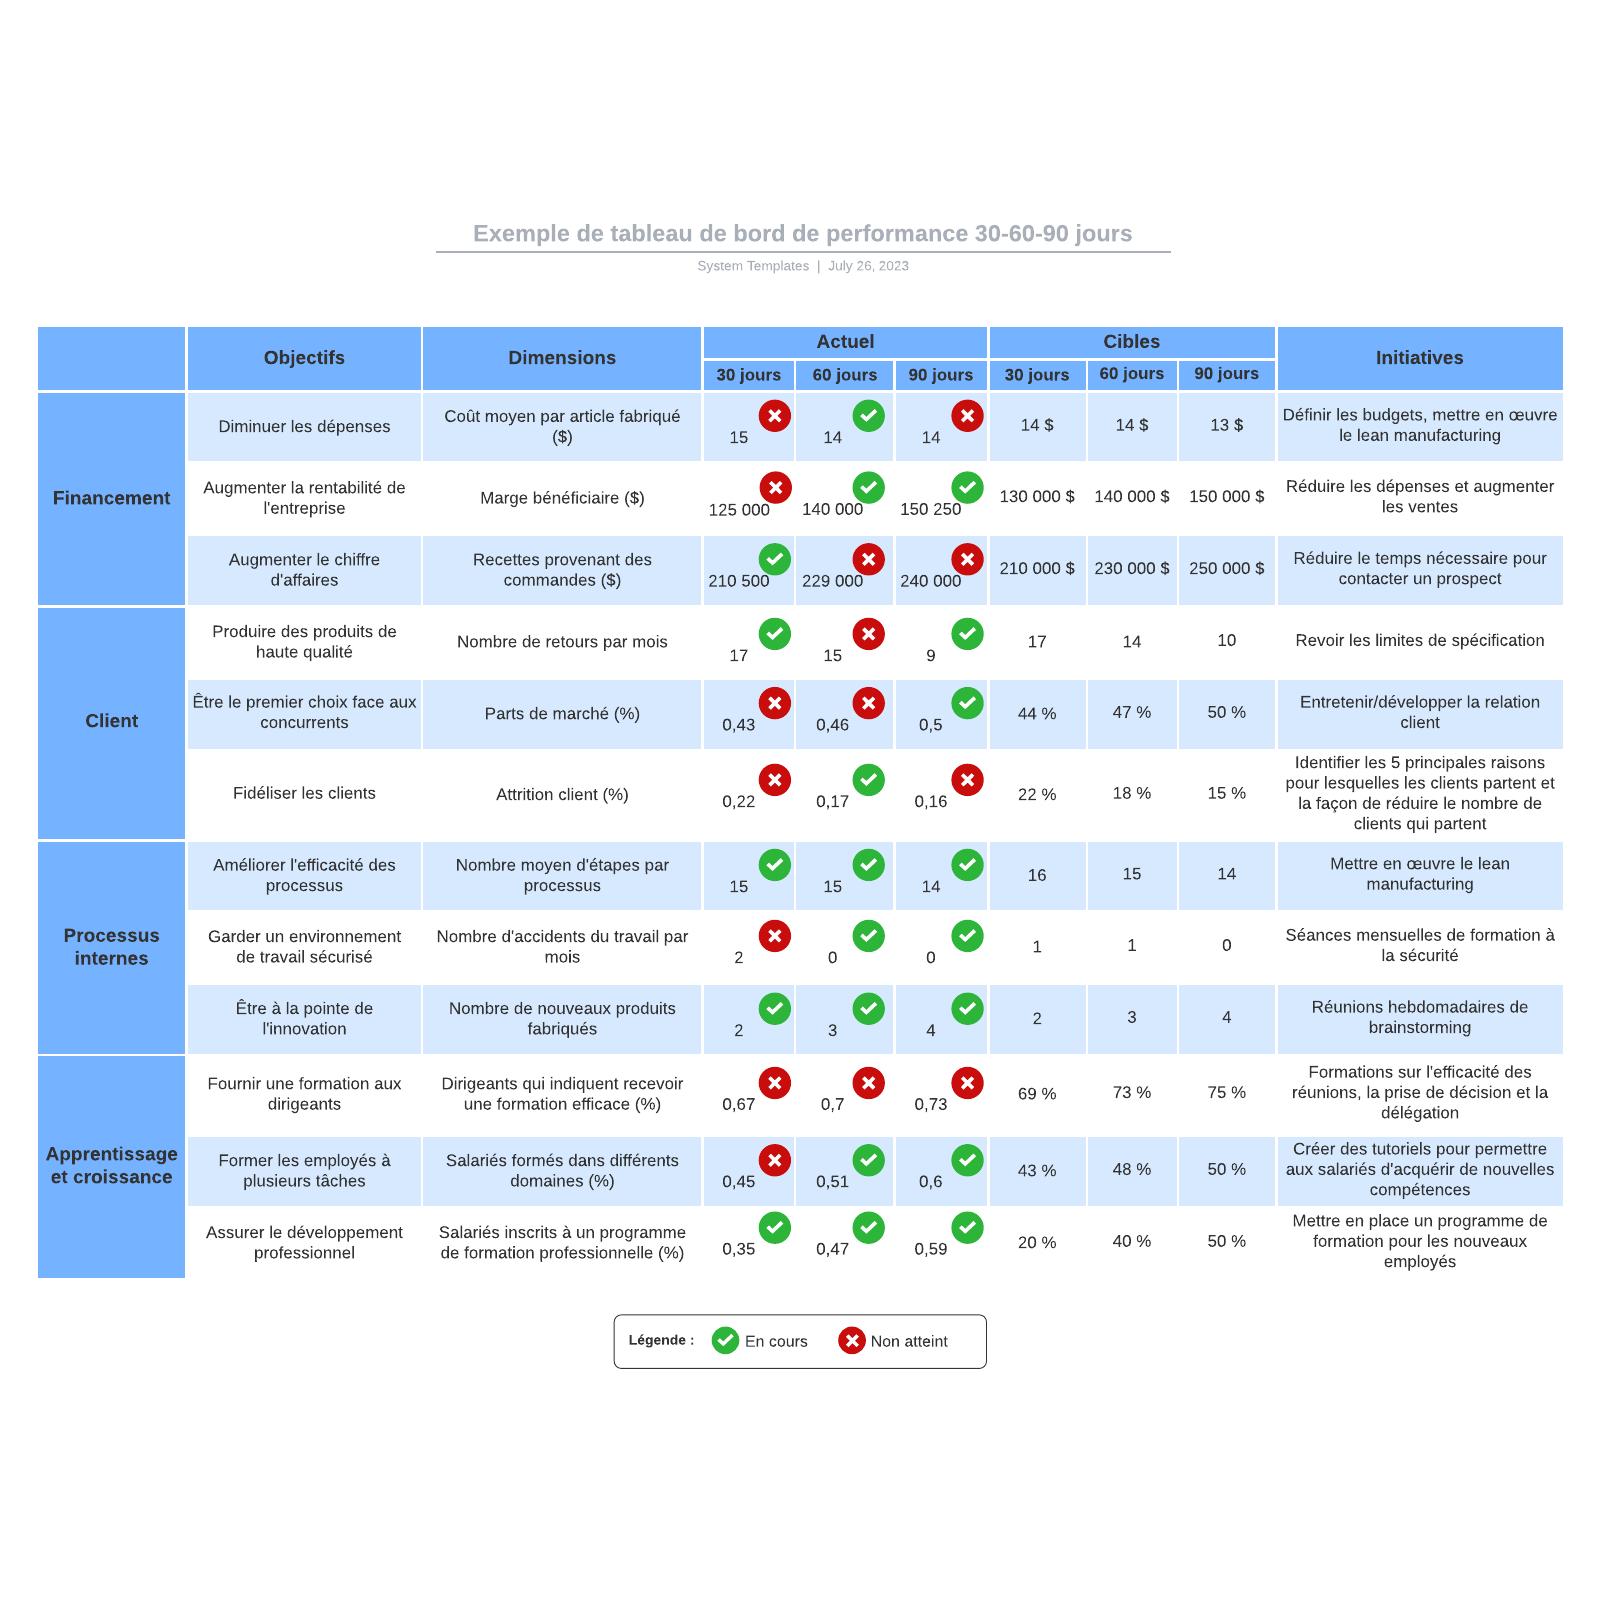 exemple de tableau de bord de performance à 30-60-90 jours